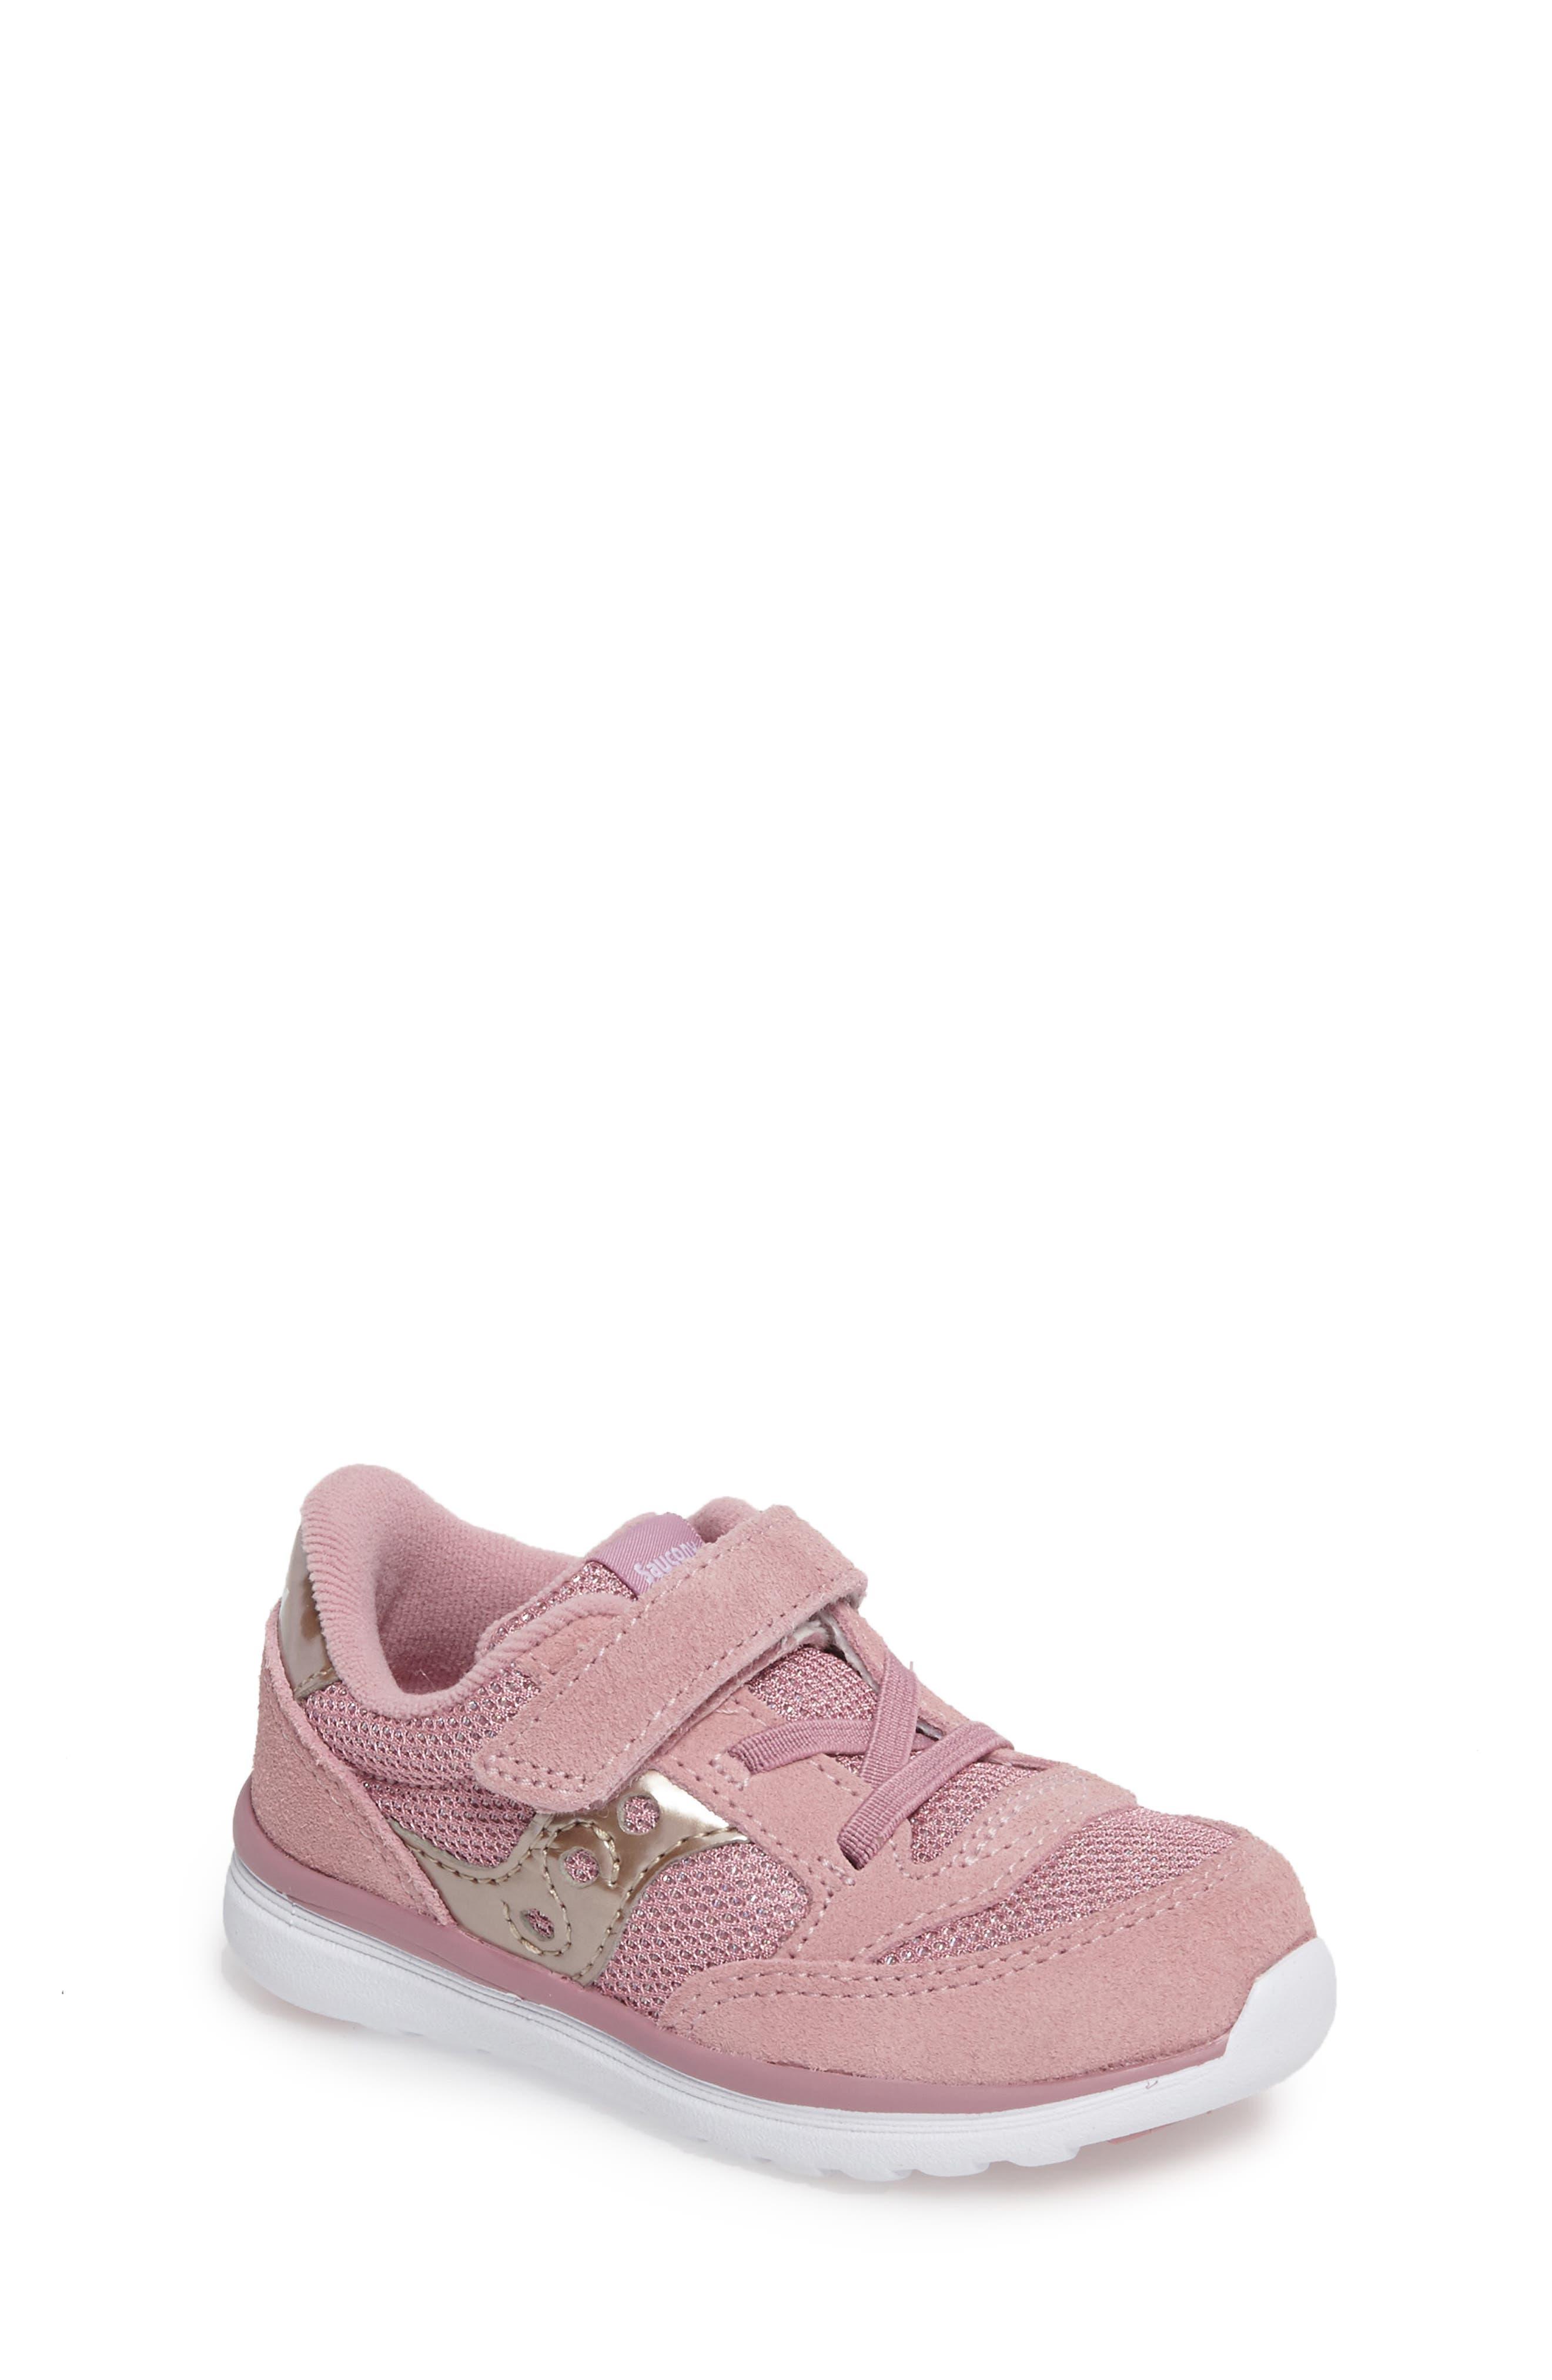 Saucony Jazz Lite Sneaker (Baby, Toddler & Walker)